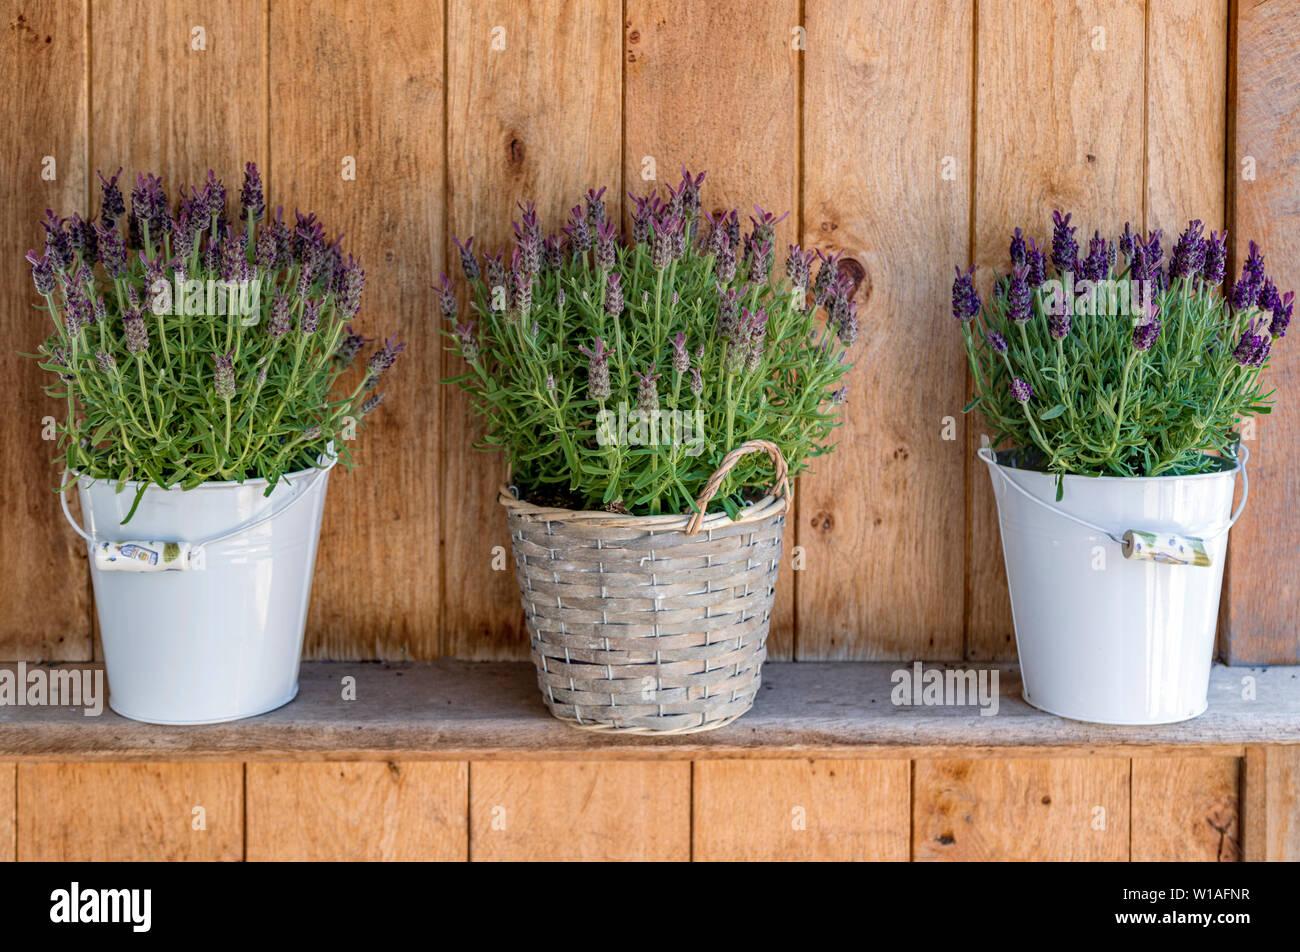 Un bonito bodegón de violeta Lavanda en macetas en De Houten Hoeve, Lady Lavendel, Noordwijk, Holanda Meridional, Países Bajos. Imagen De Stock